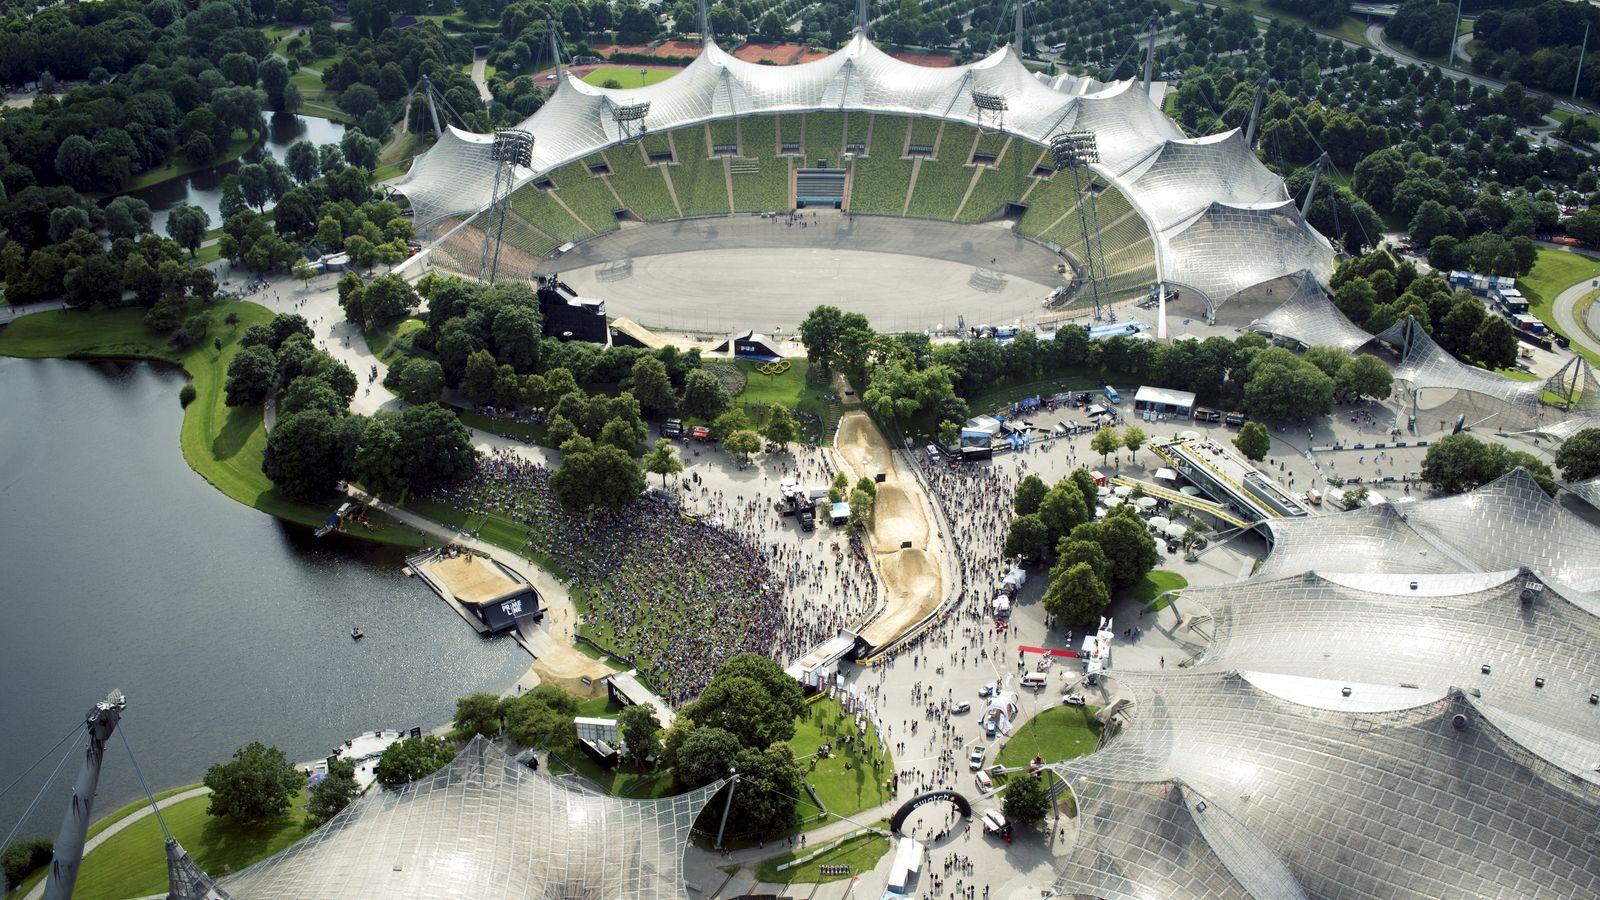 Munich to host 2022 European Championships